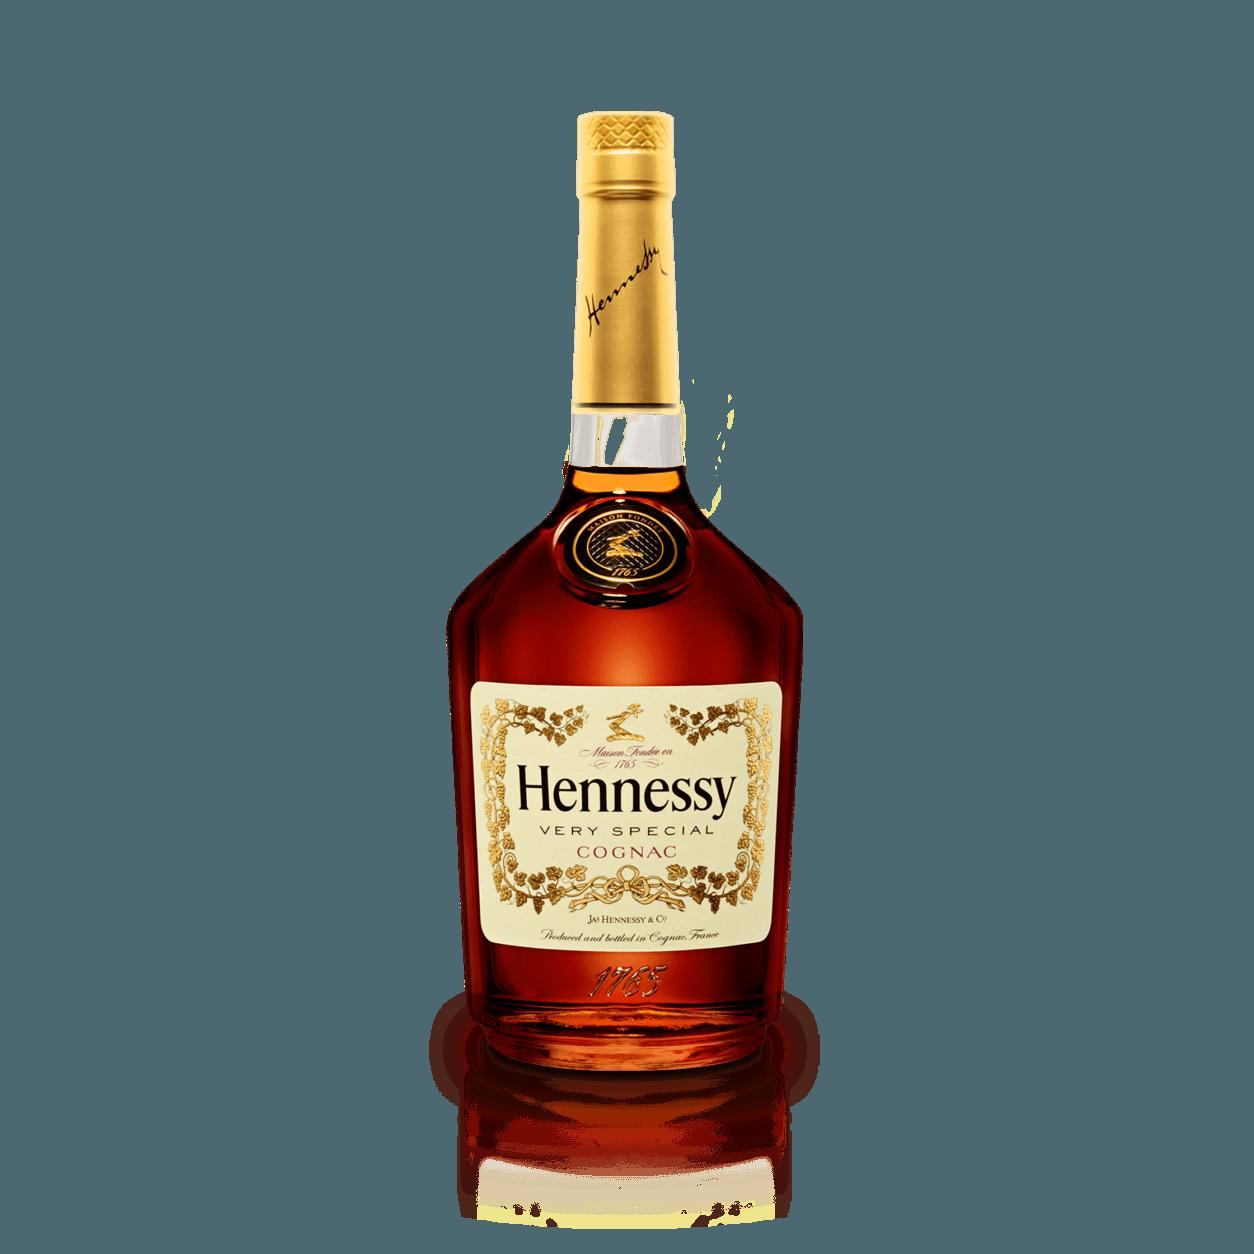 轩尼诗vsop Logo_Top-selling liquor brands at Virginia ABC stores | WTOP